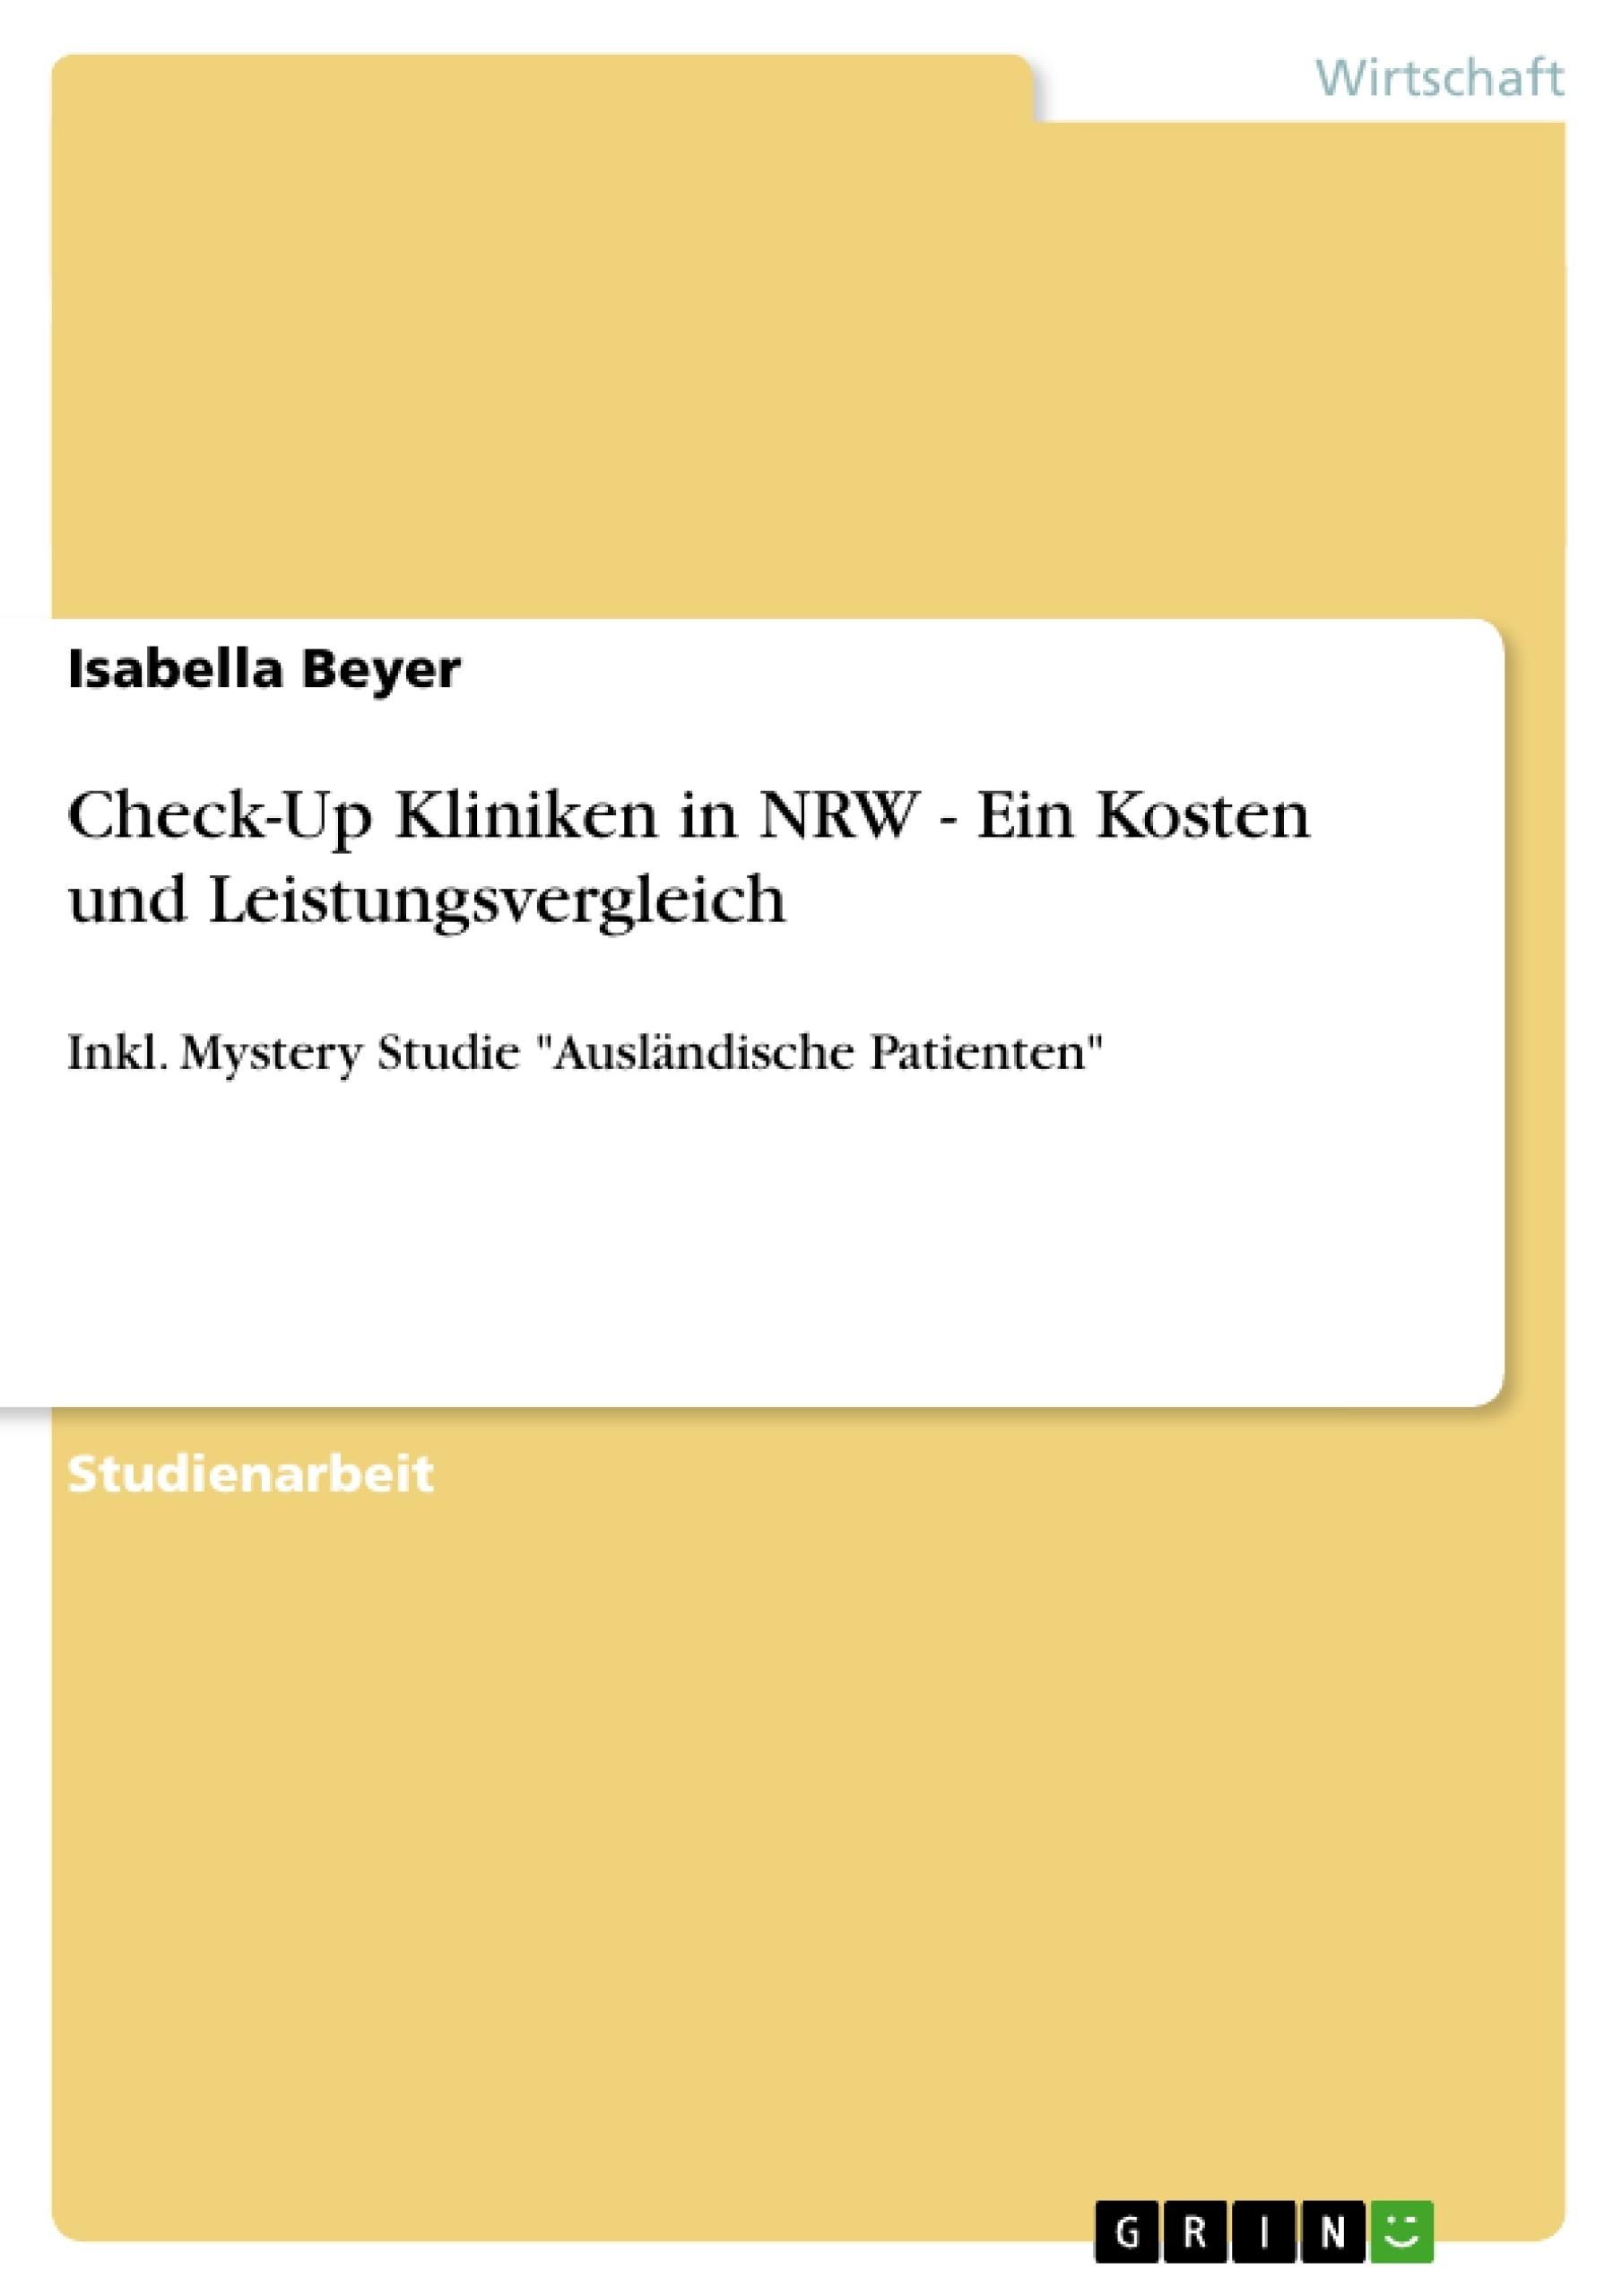 Titel: Check-Up Kliniken in NRW - Ein Kosten und Leistungsvergleich